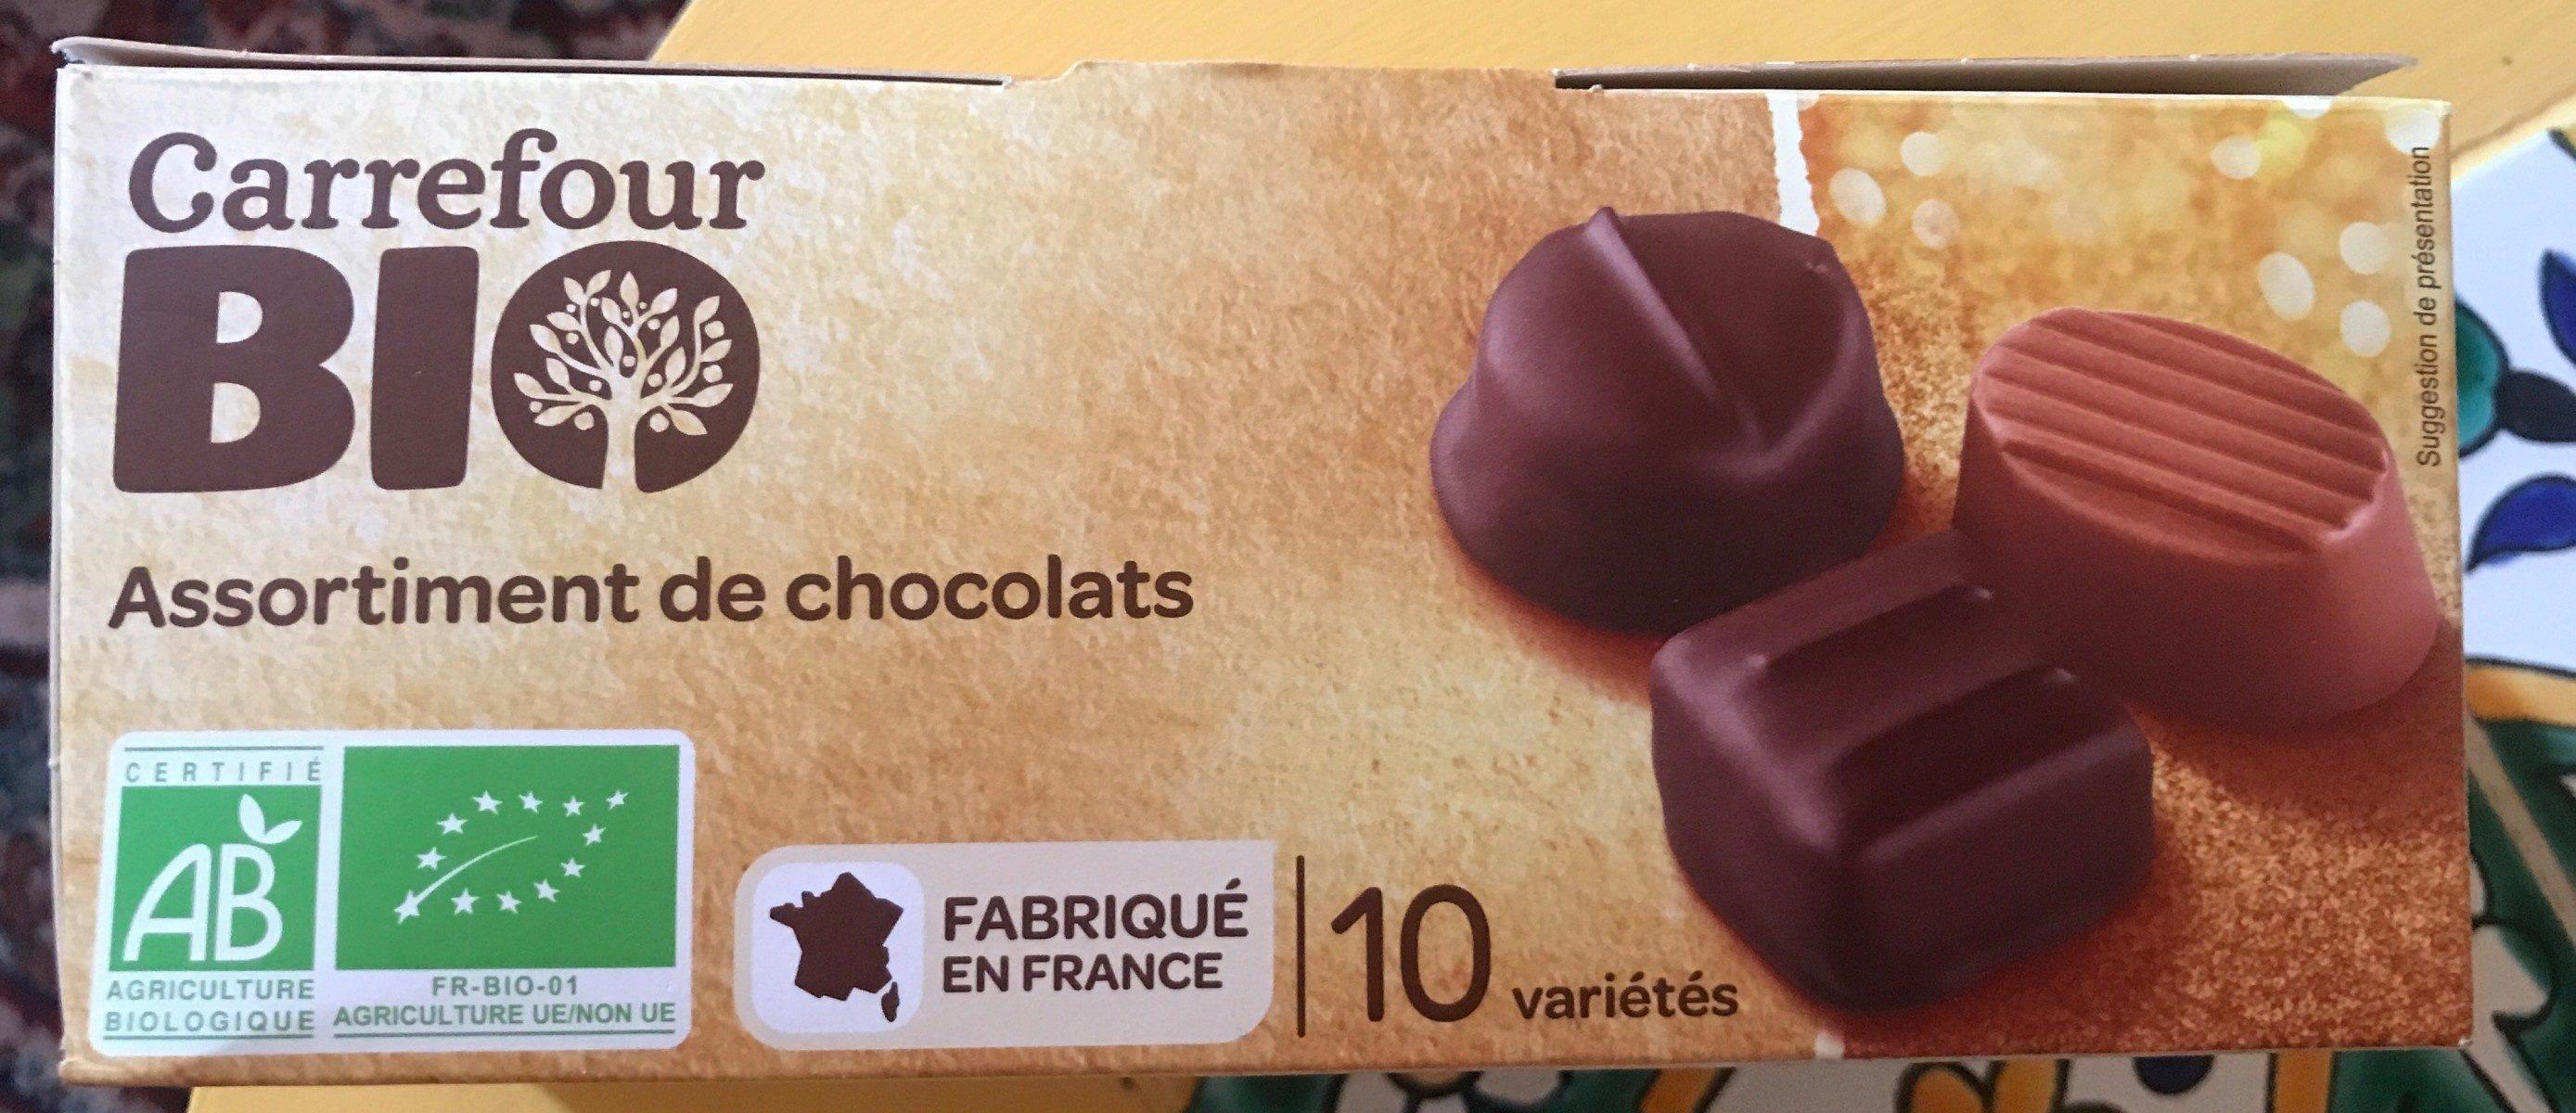 Assortiment de chocolats - Produit